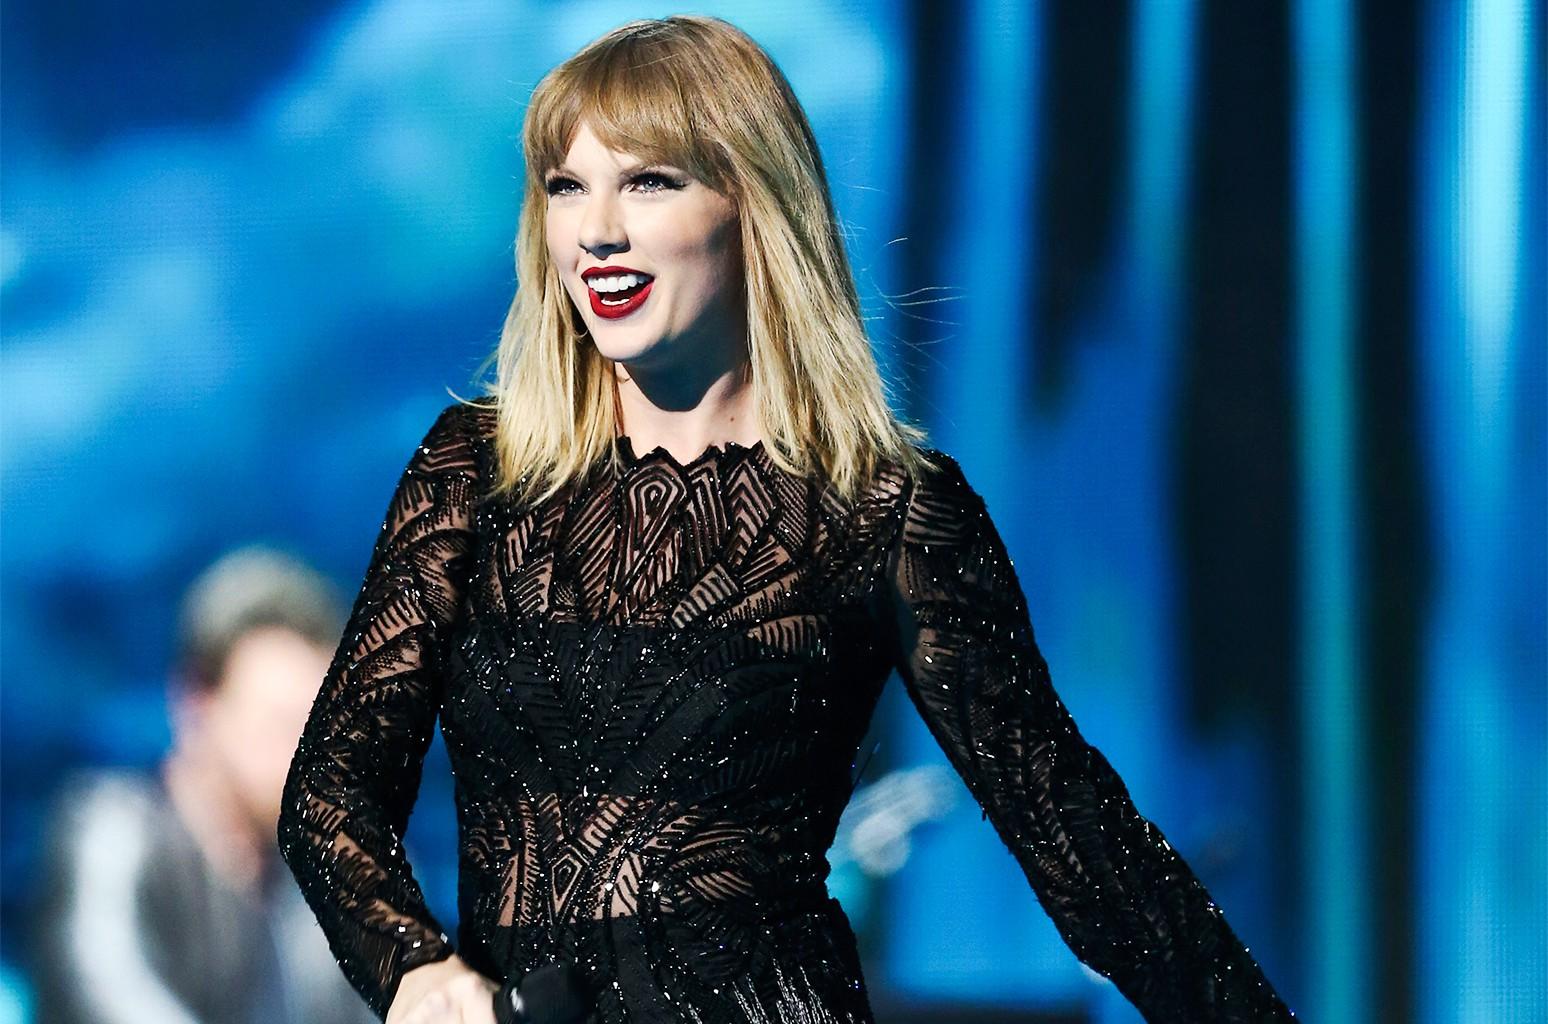 Phản ứng bất ngờ của Taylor Swift khi bị cho là nhàm vì toàn viết nhạc về trai - Ảnh 2.